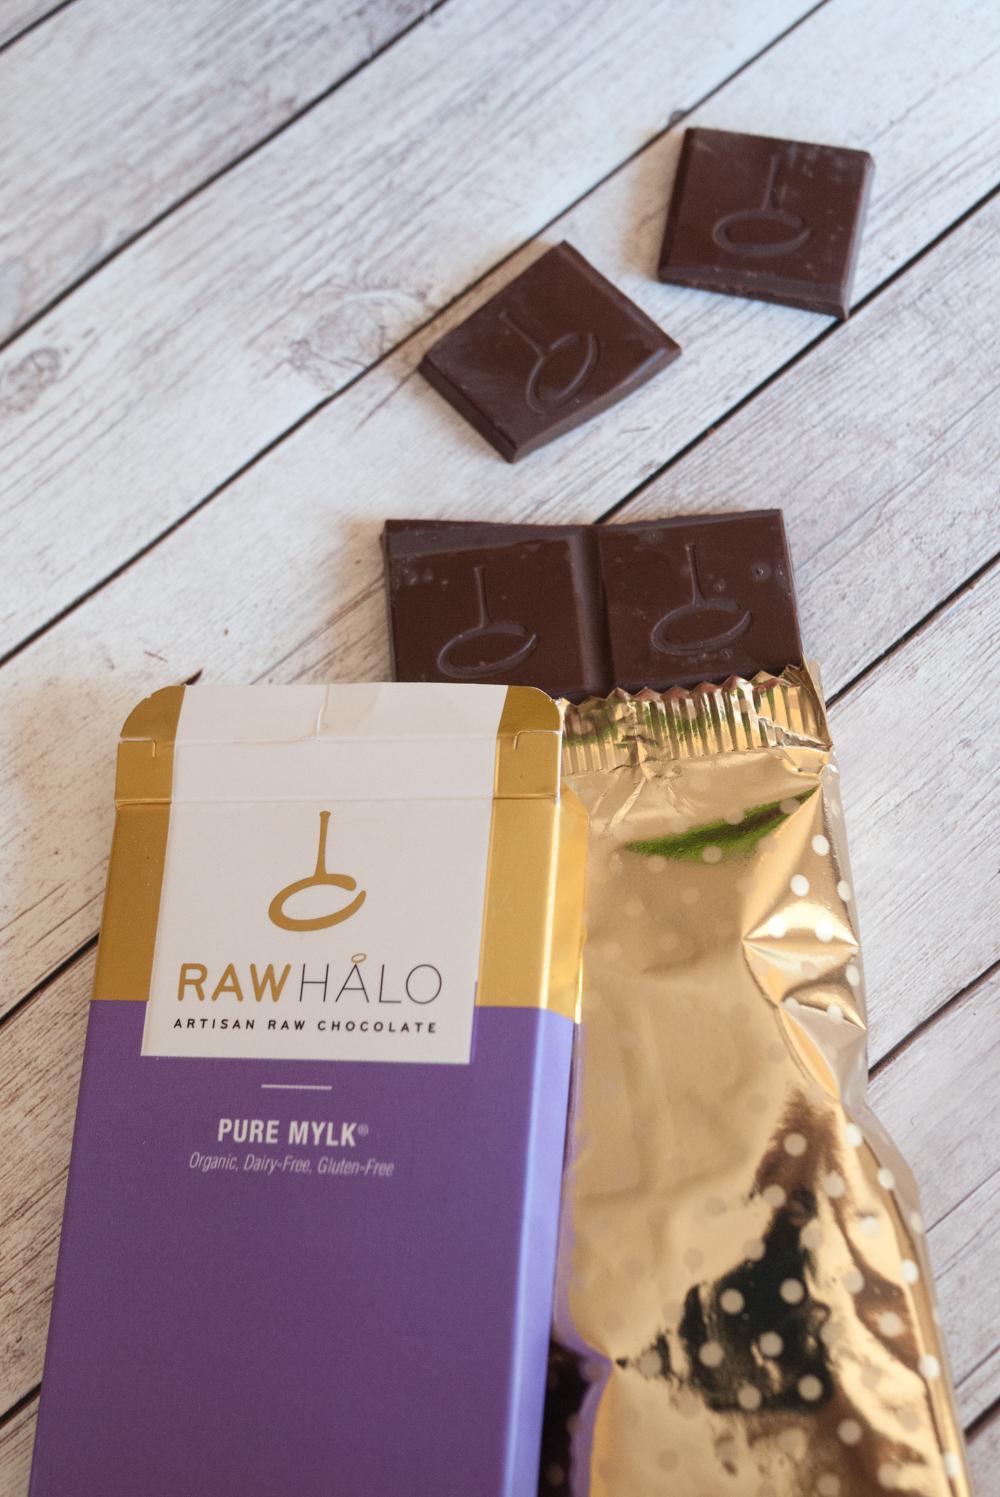 Pure Mylk Raw Halo chocolate